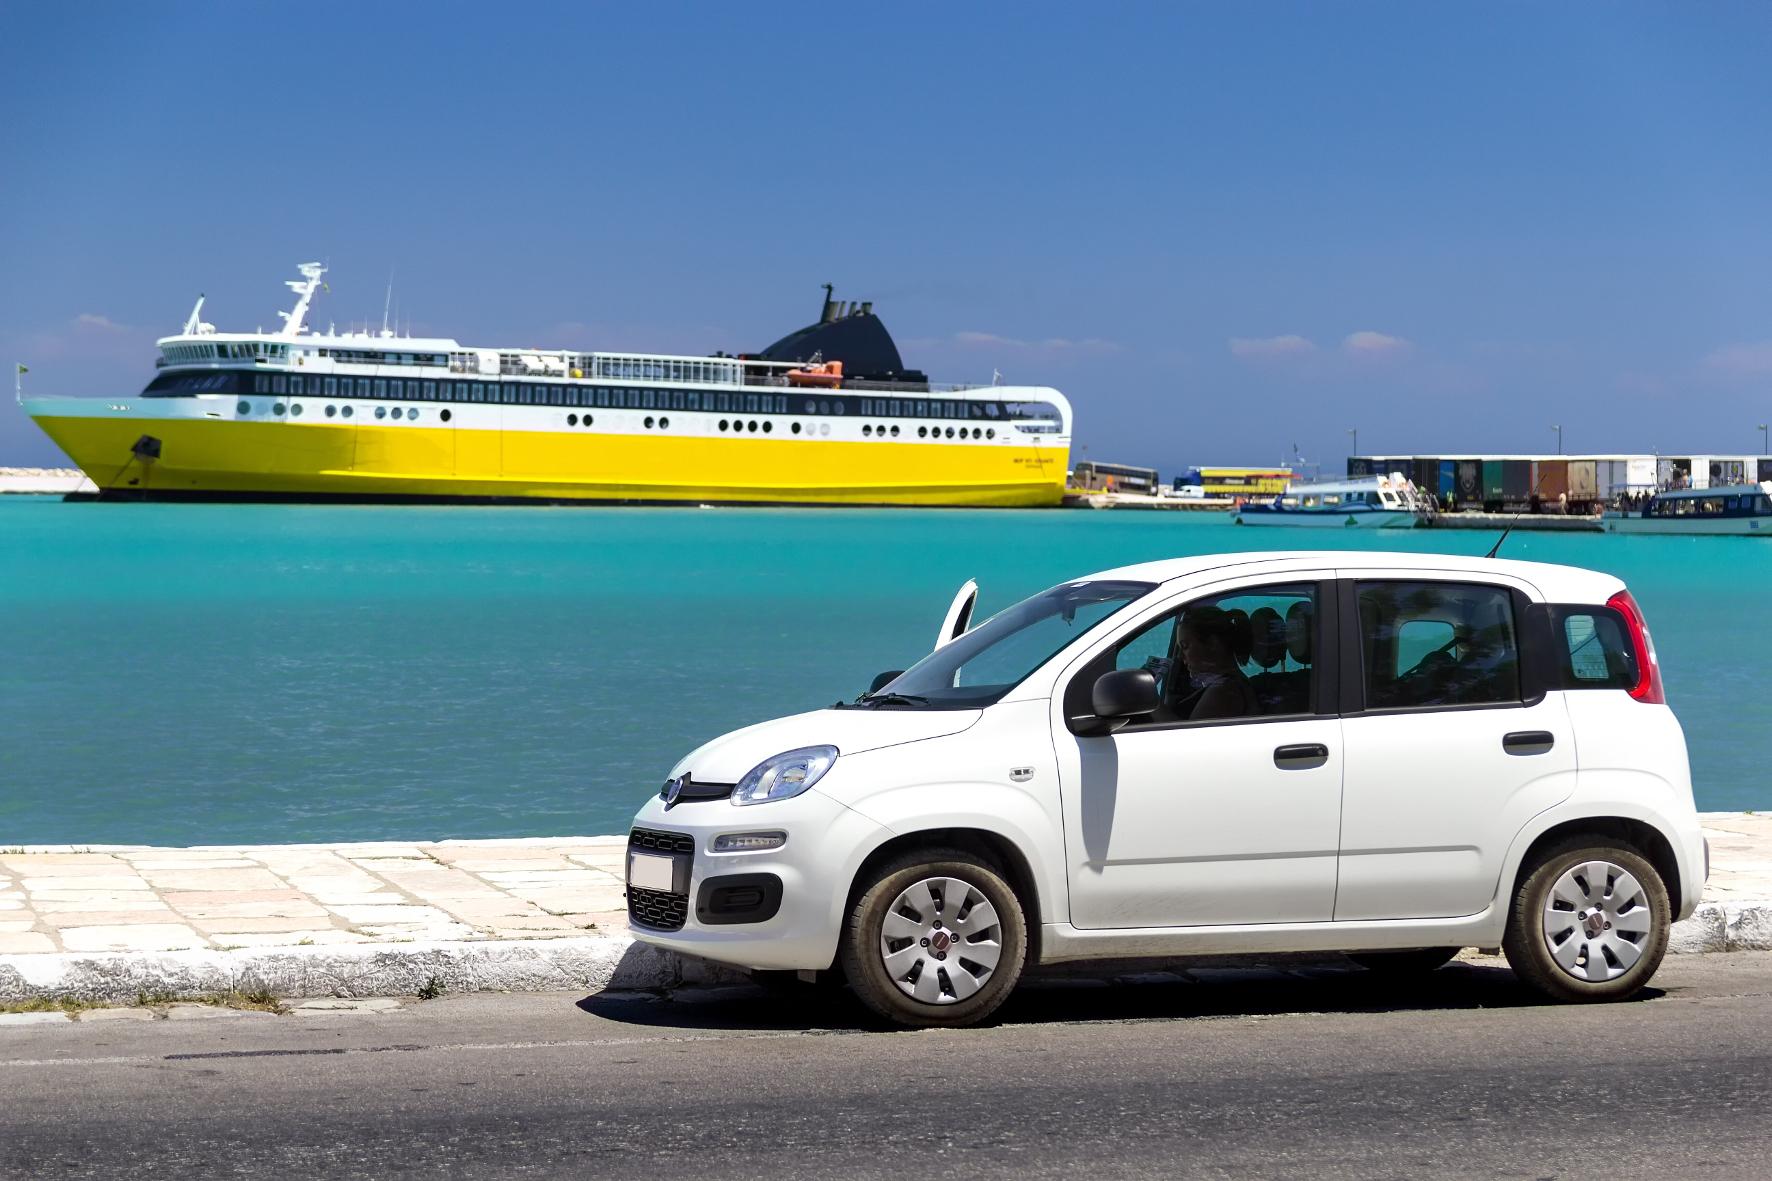 mid Groß-Gerau - Gut informierte Mietwagen-Kunden lassen sich keine unnötigen Extra-Leistungen aufschwatzen. JanClaus / pixabay.com